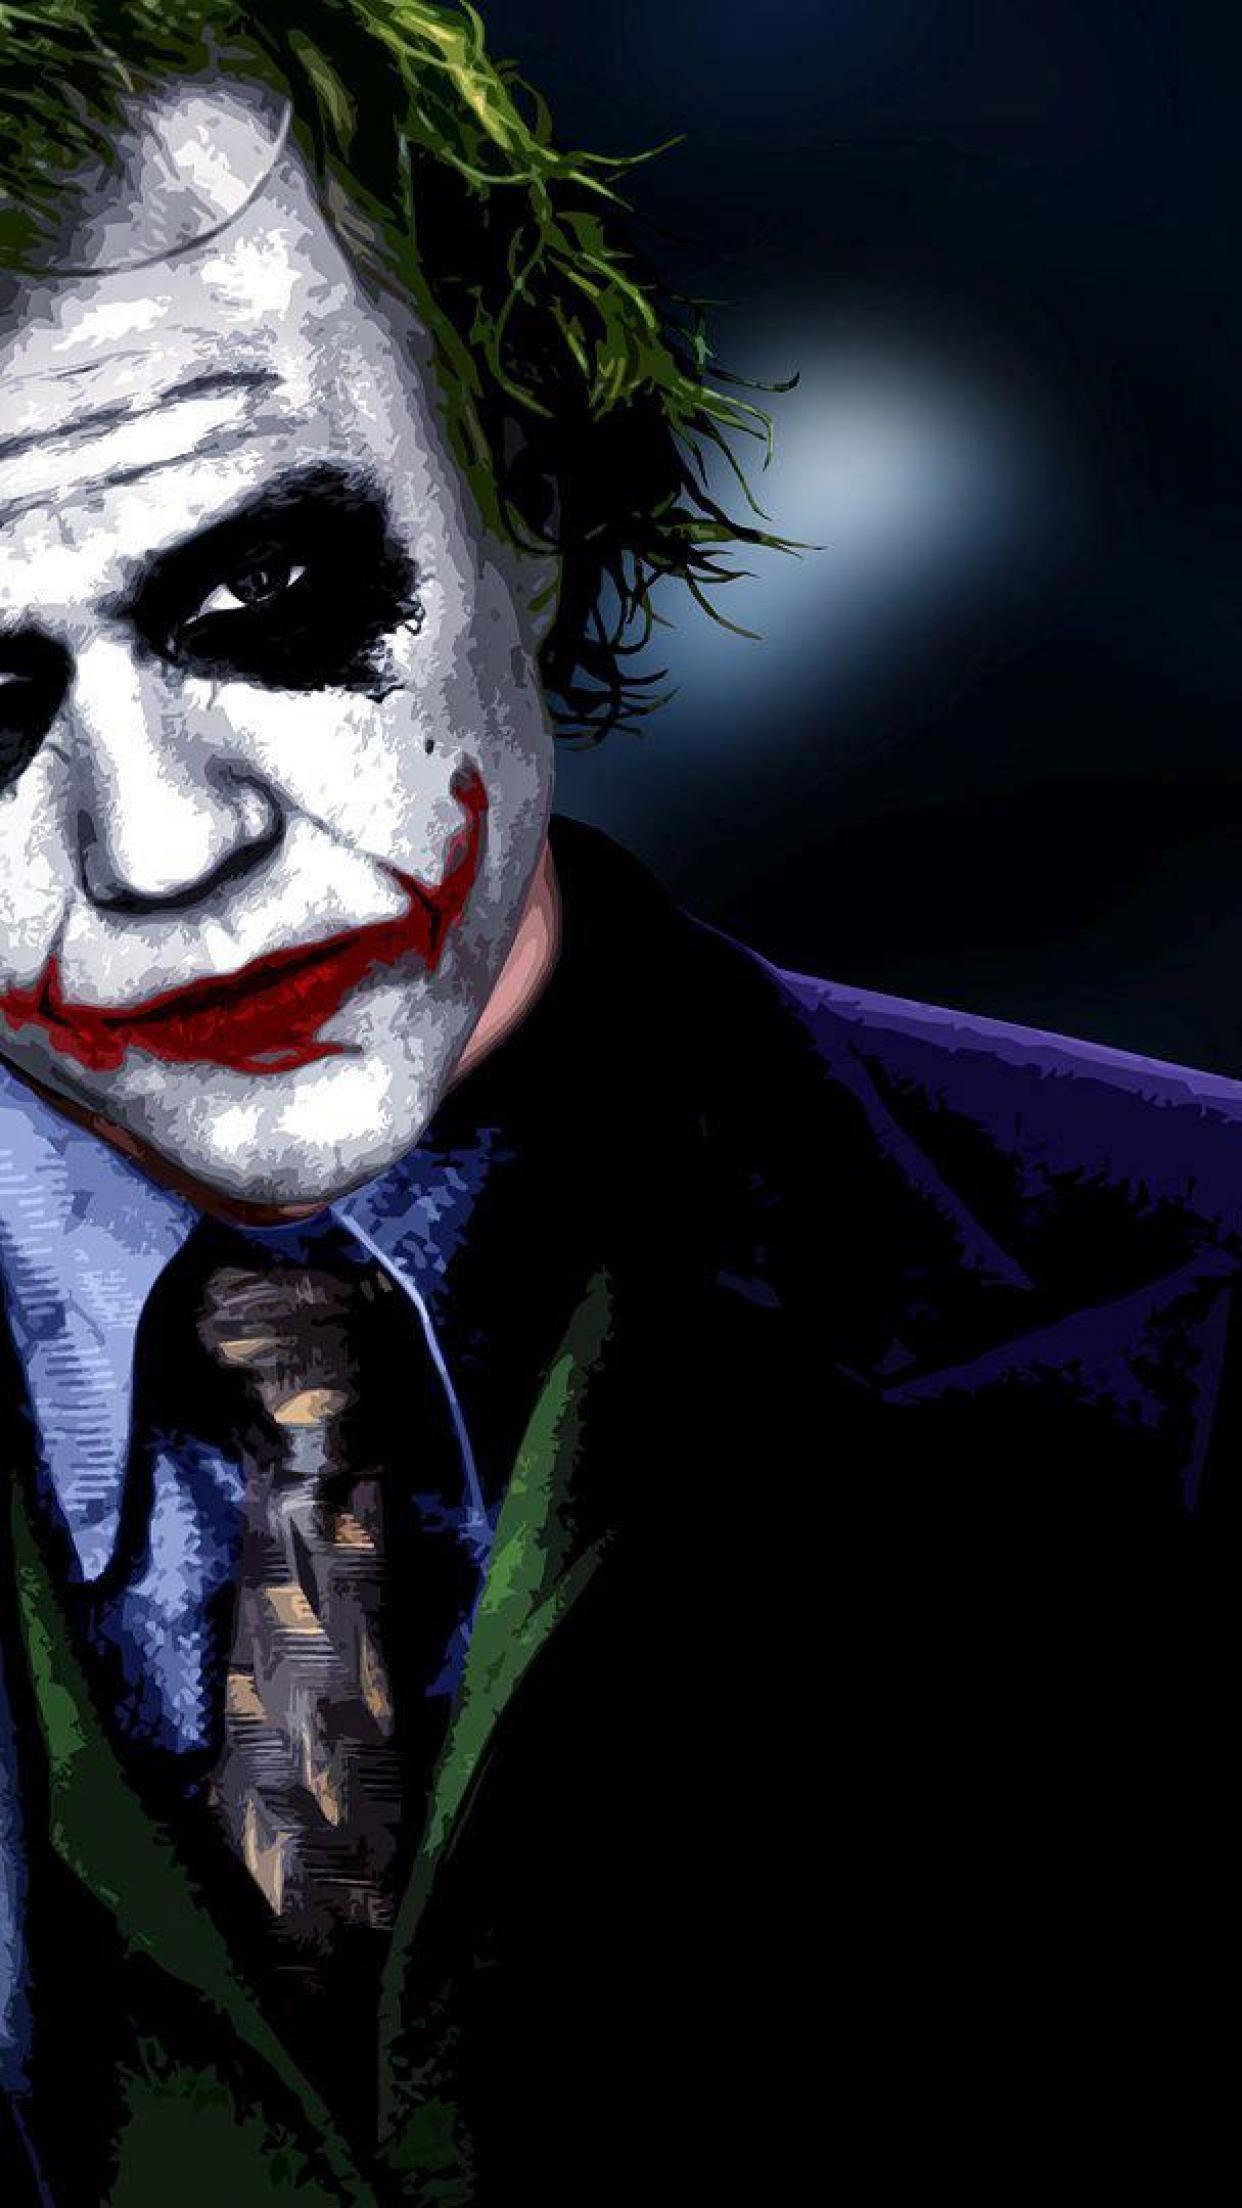 Daftar Black Joker Iphone Wallpaper Wallpaper Api